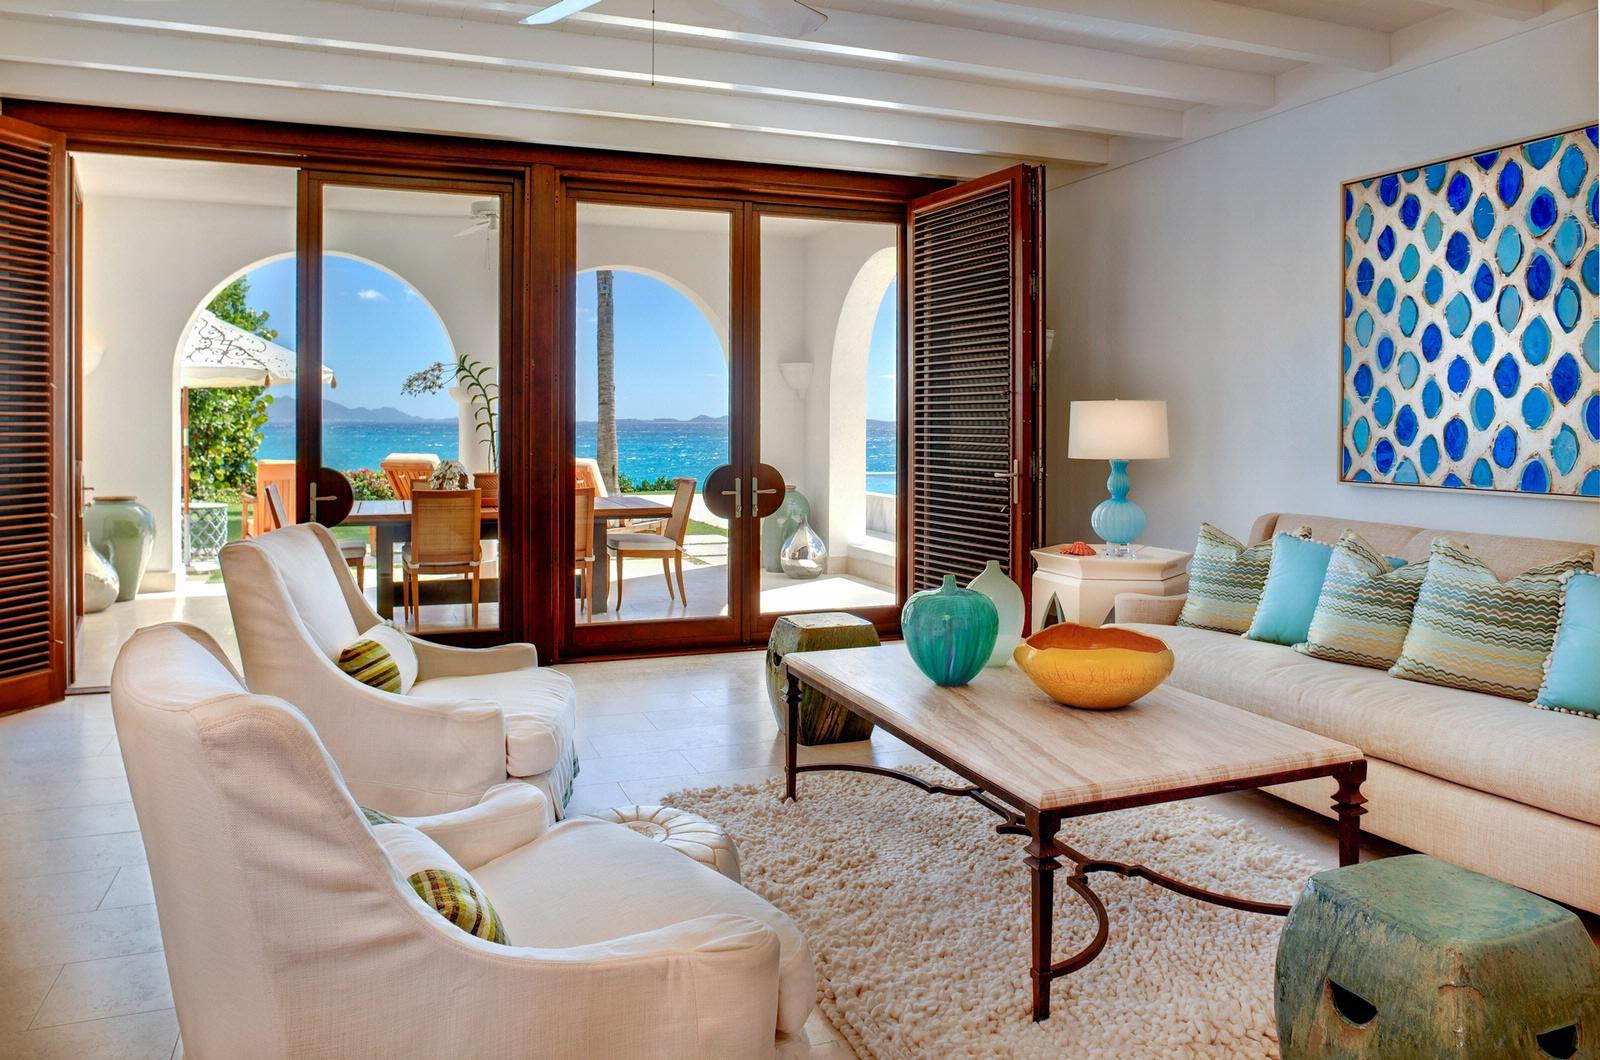 beaute-salle-de-sejour-blanc-et-aigue-marine-deco-vue-mer-cool-piece